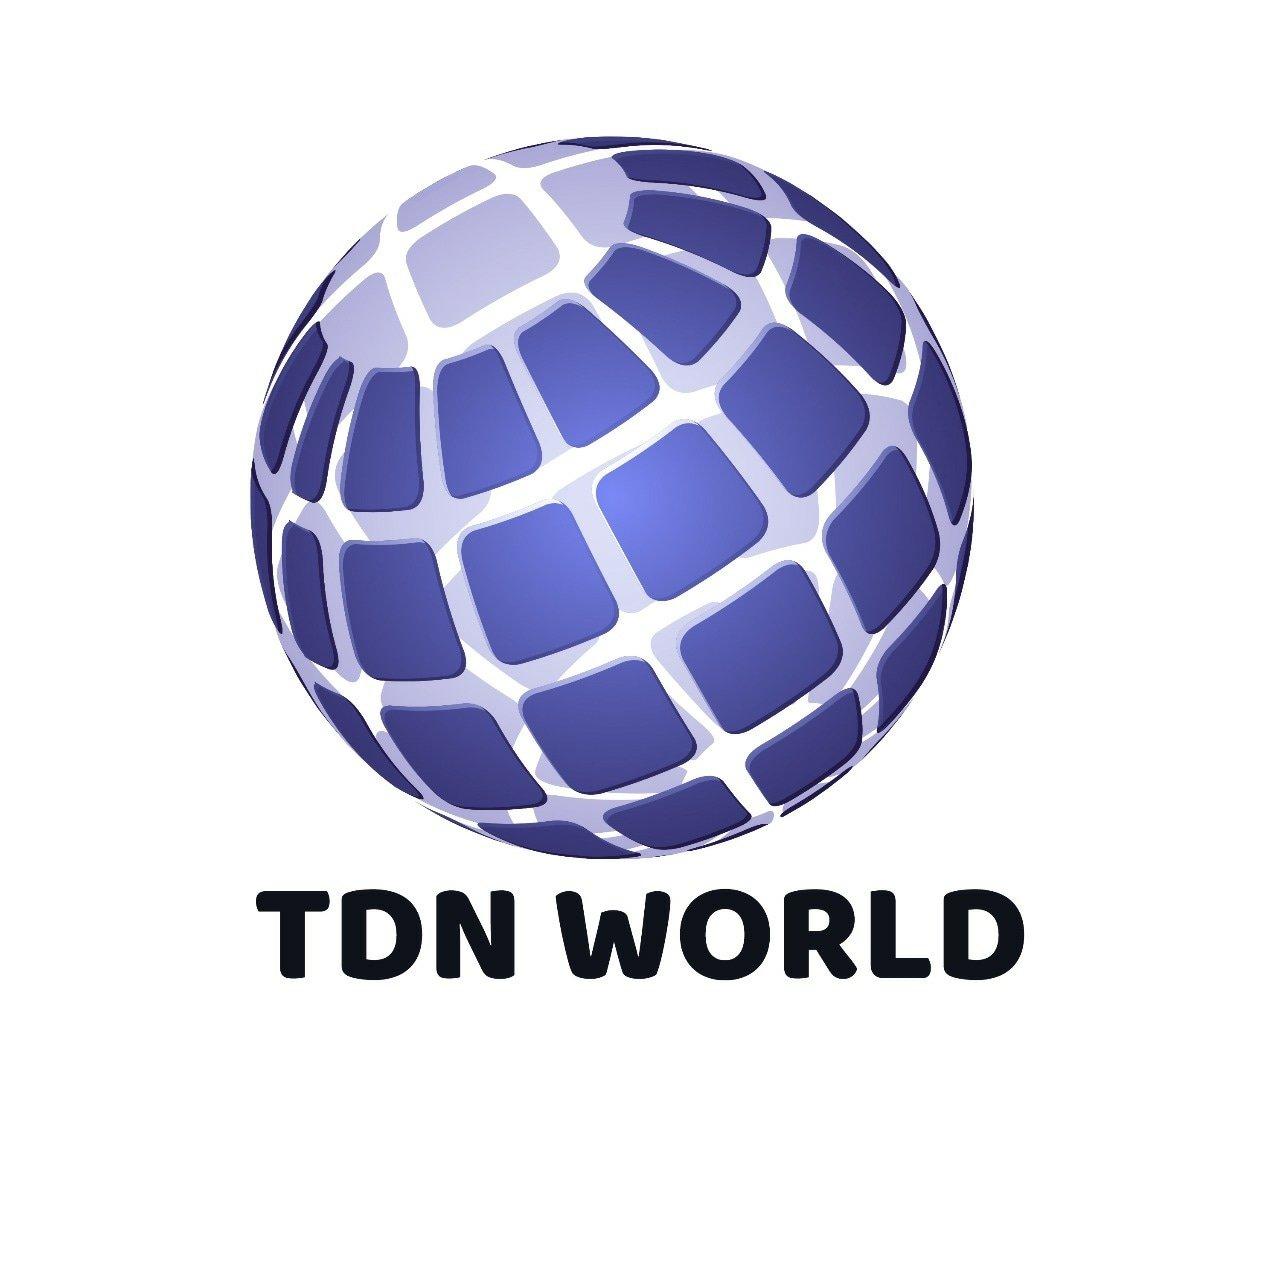 TDN World